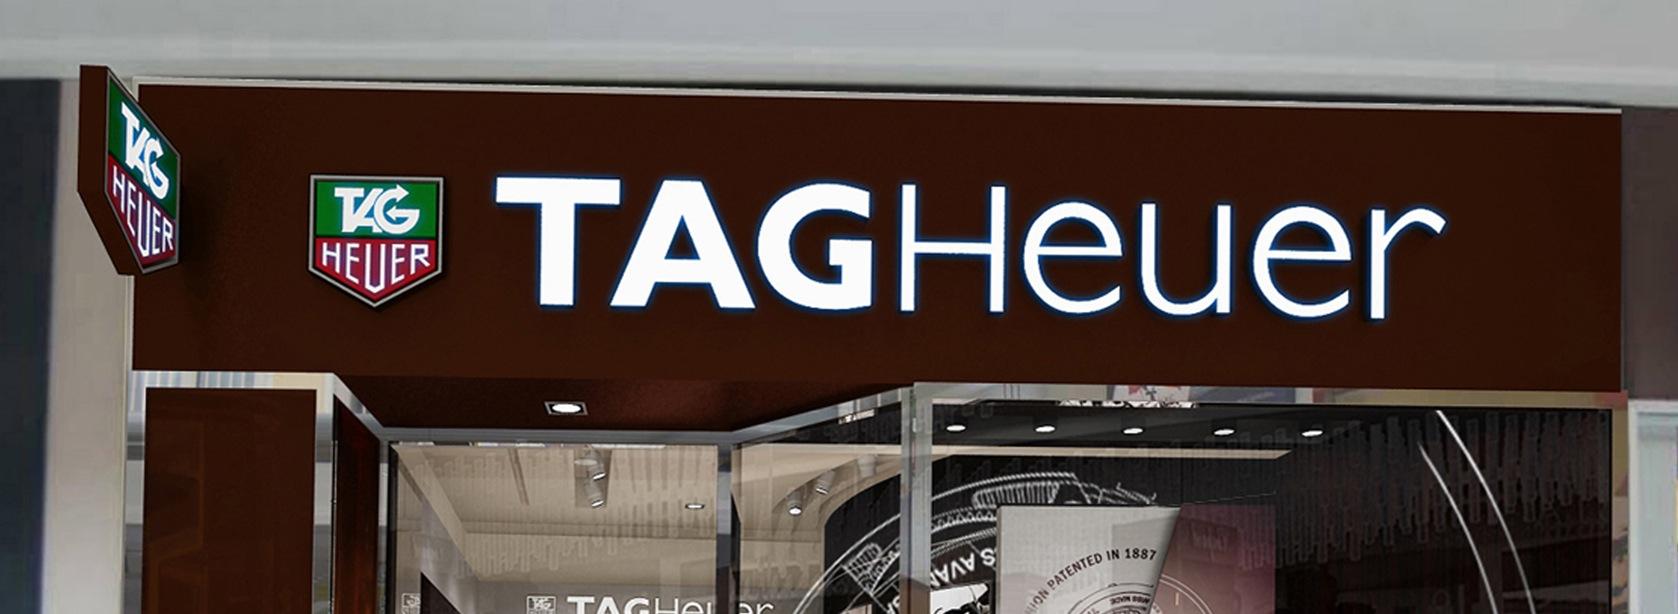 TAG Heuer-BoutiqueMünchen 2012 (1) Kopie